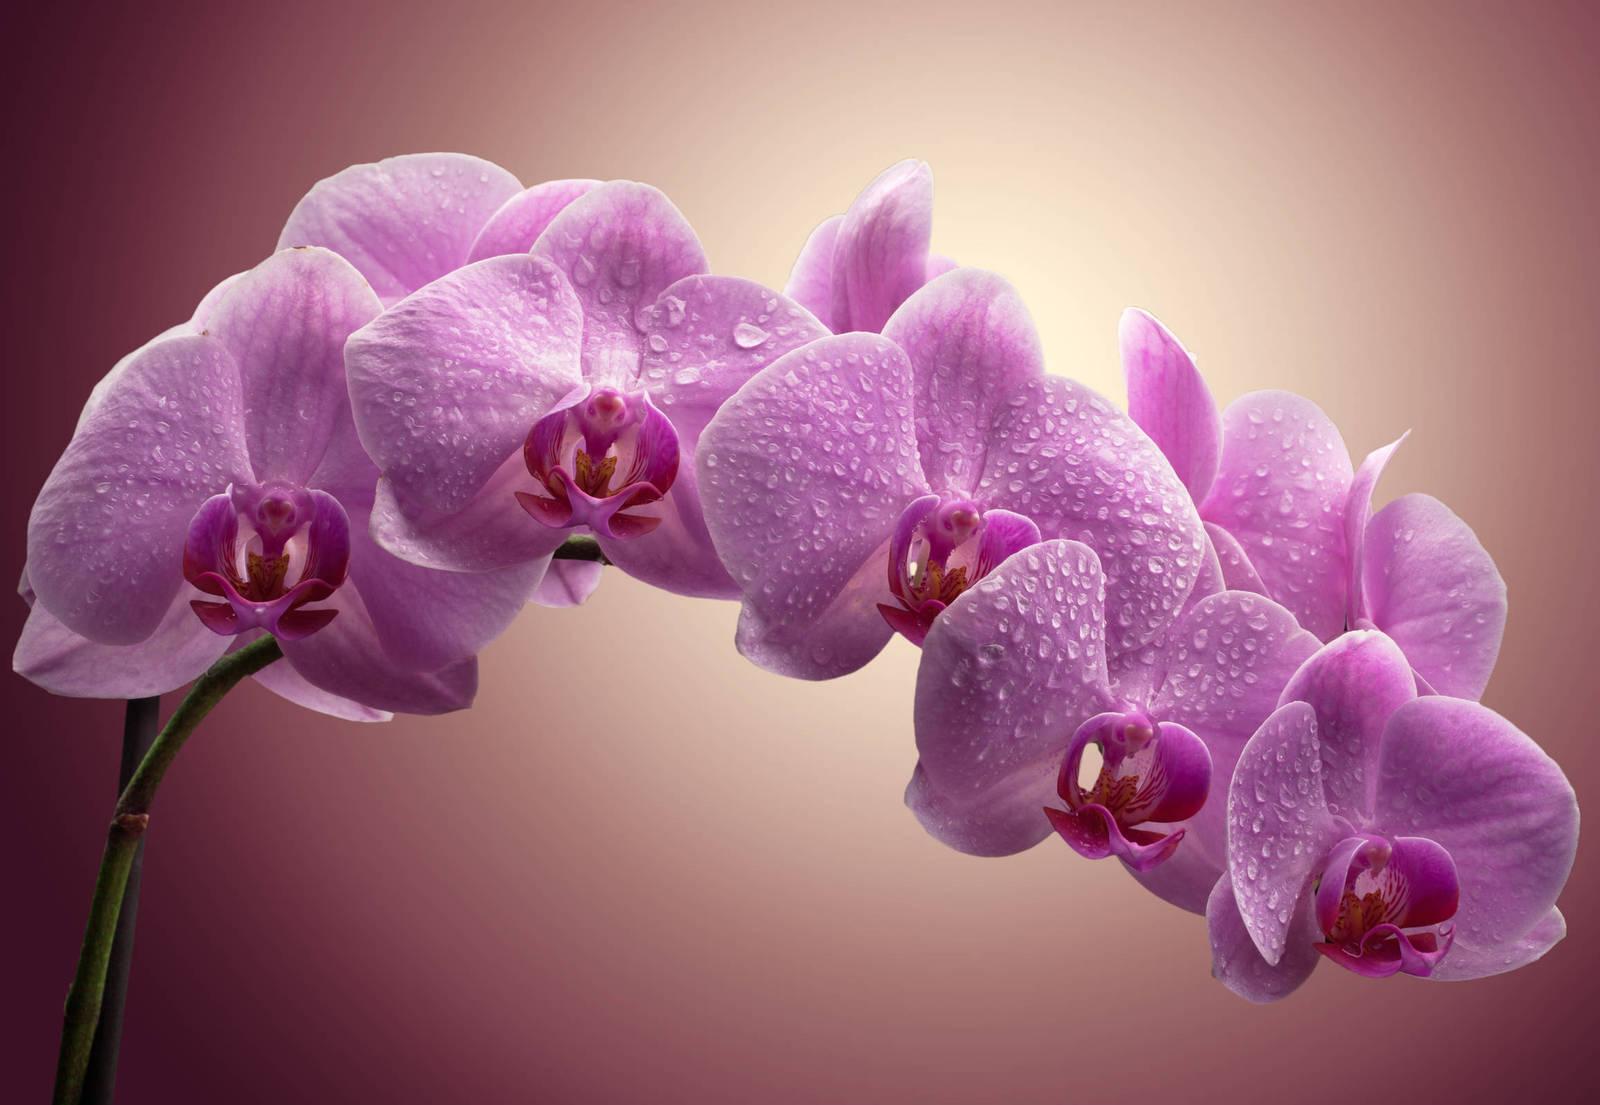 первой орхидеи фото в высоком разрешении нас